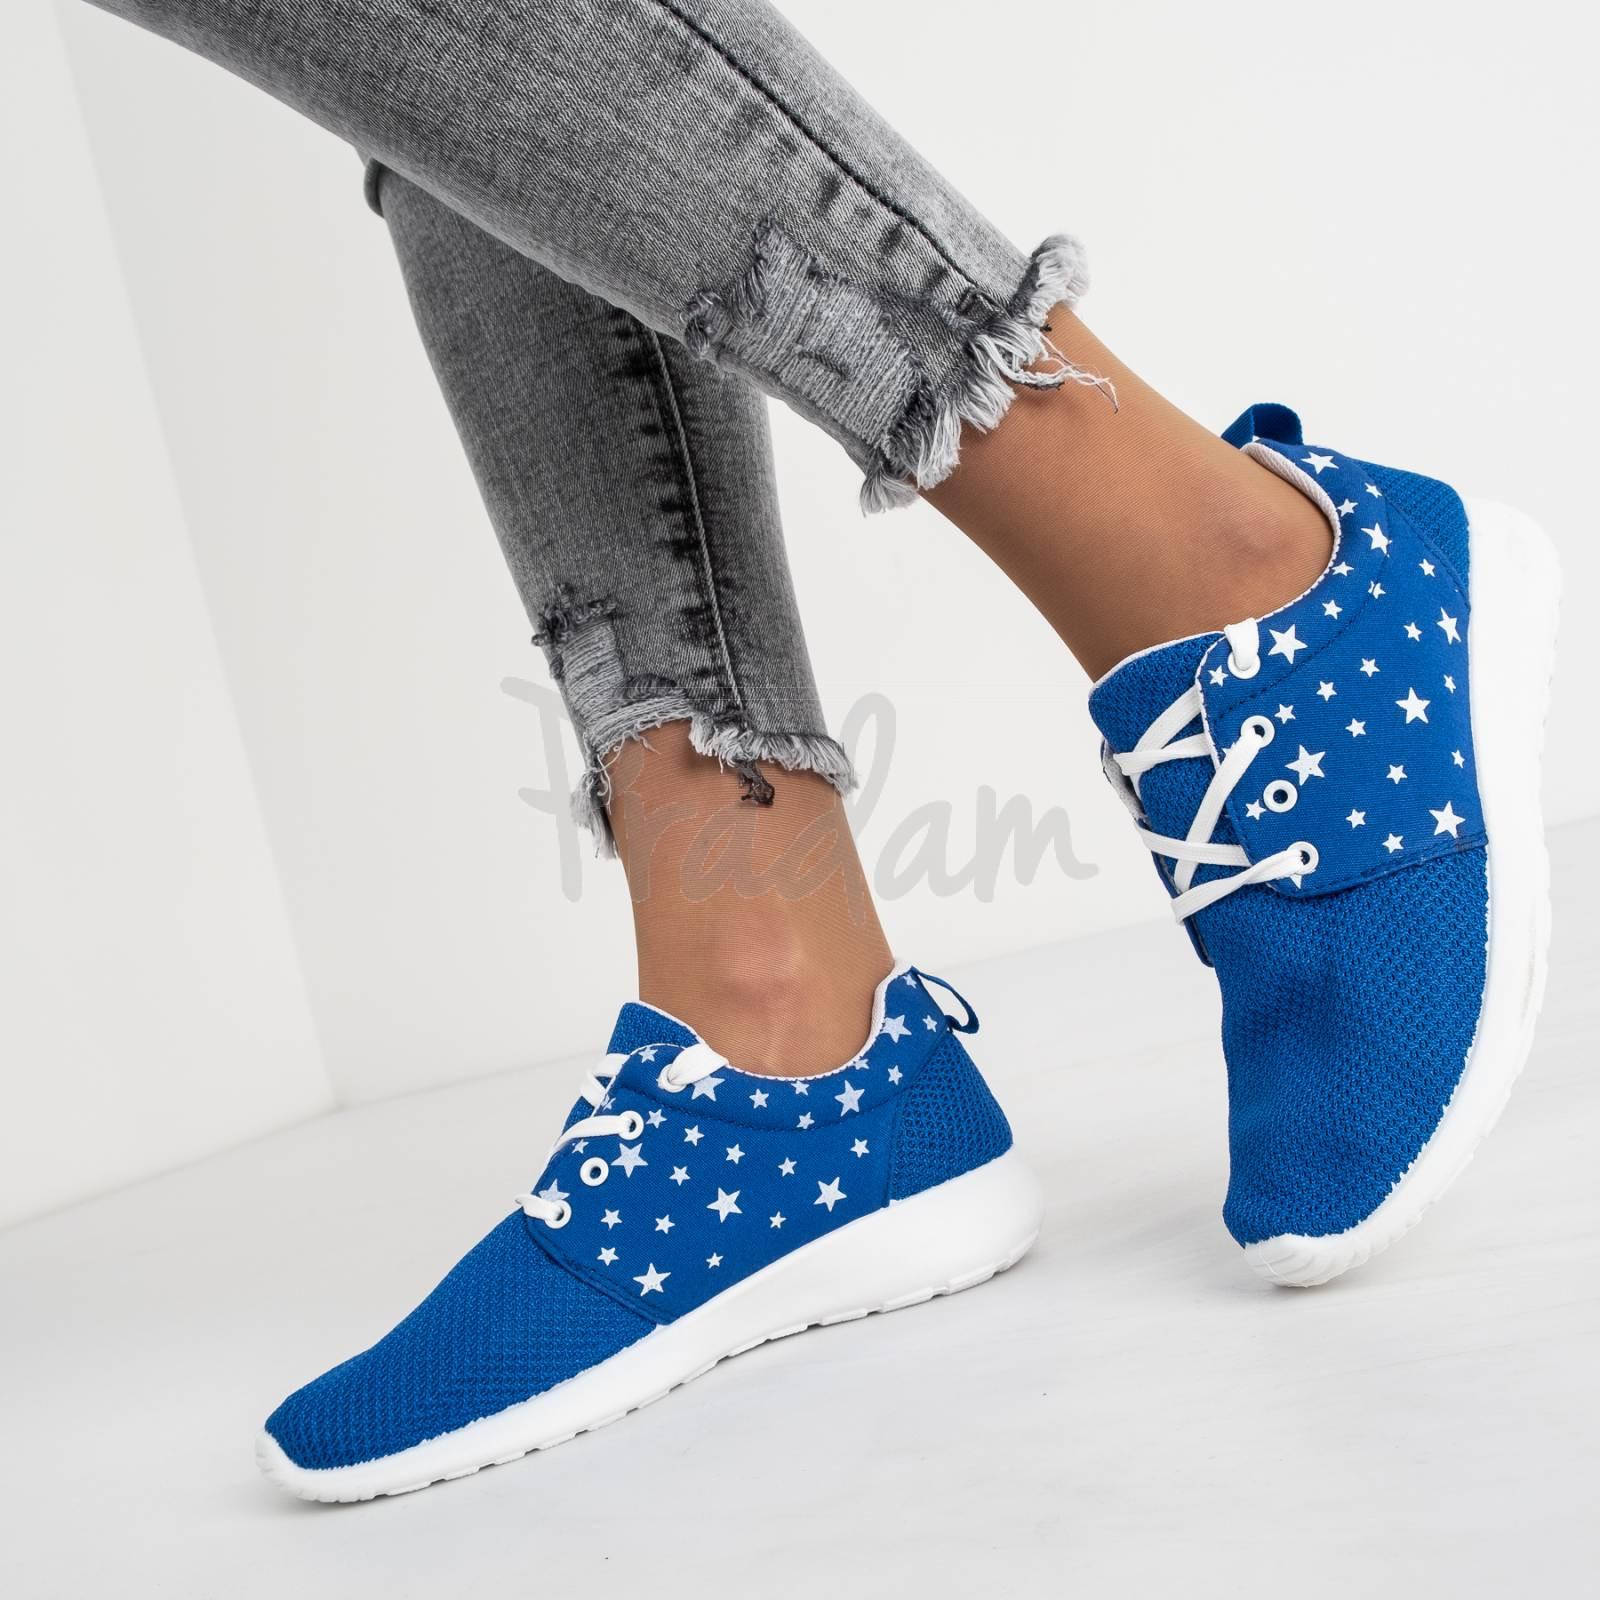 9585-1 синие женские кроссовки (8 ед. размеры: 36.37.38.38.39.39.40.41)